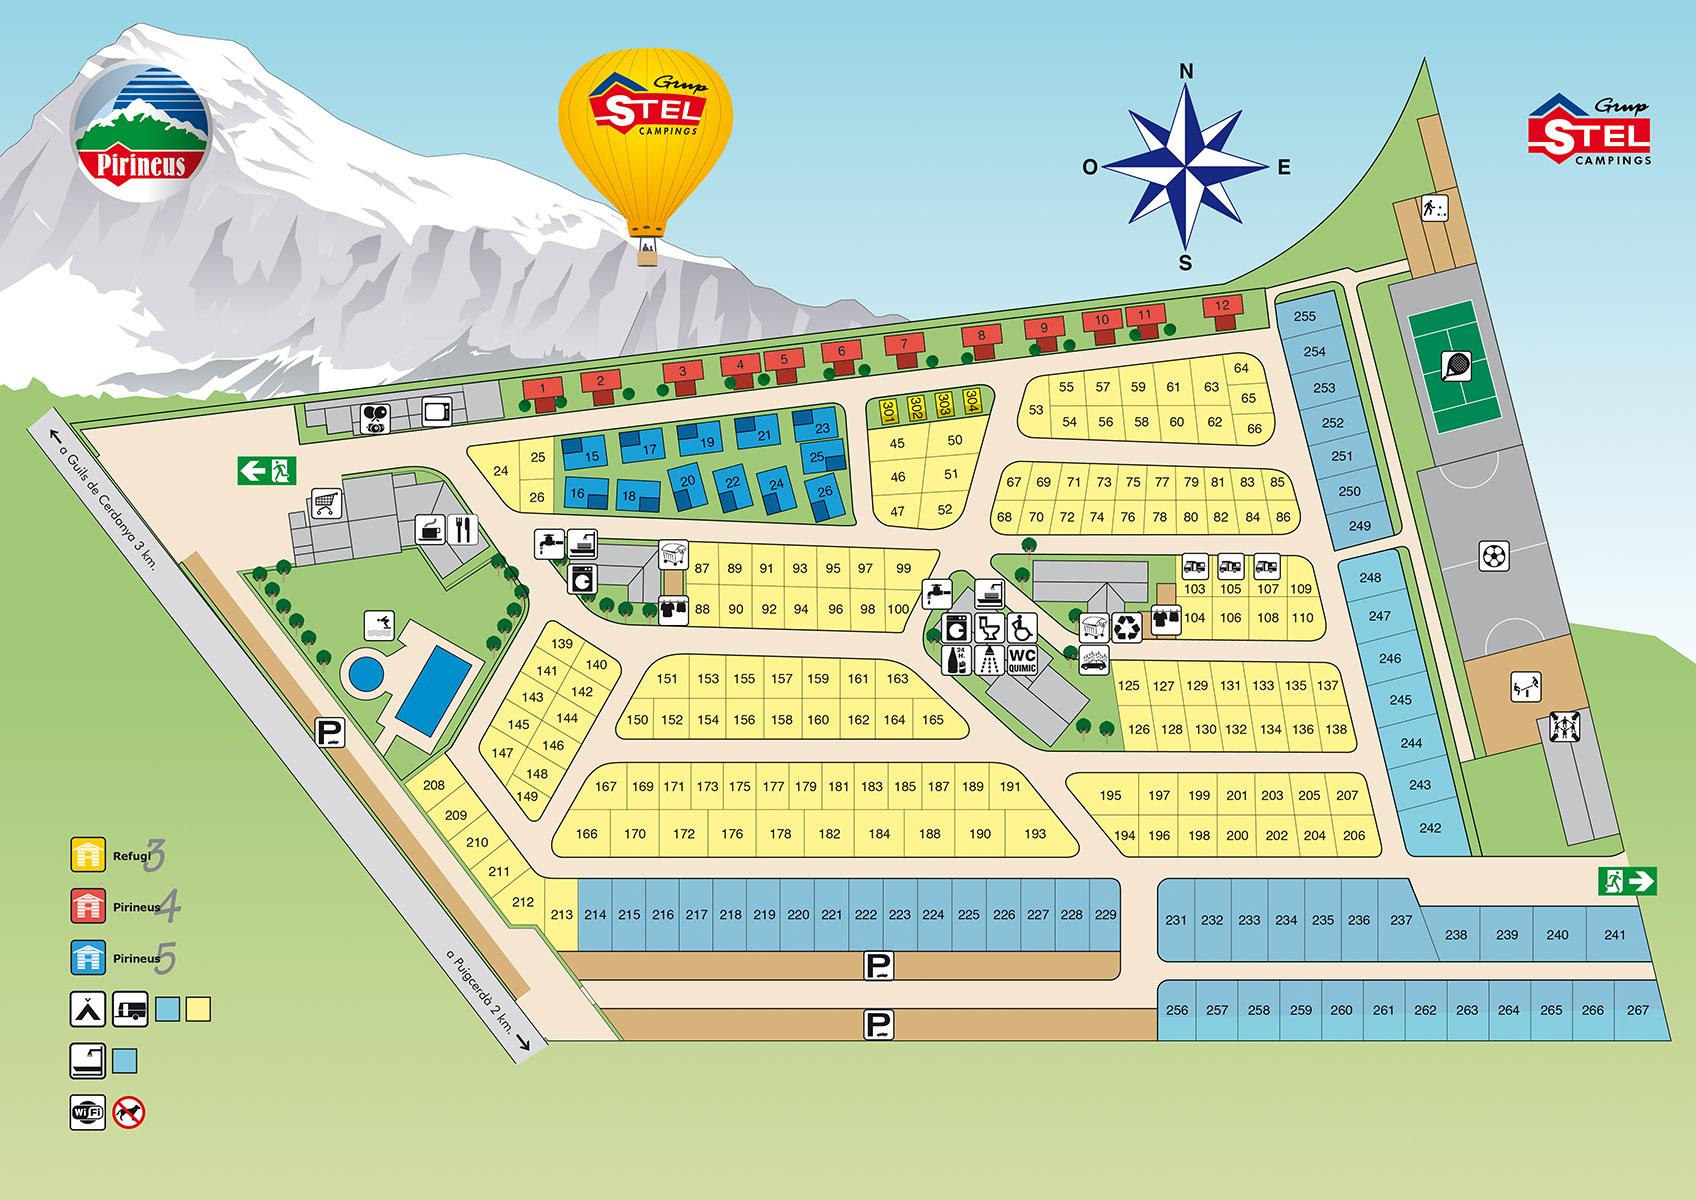 Mapa Stel Pirineus